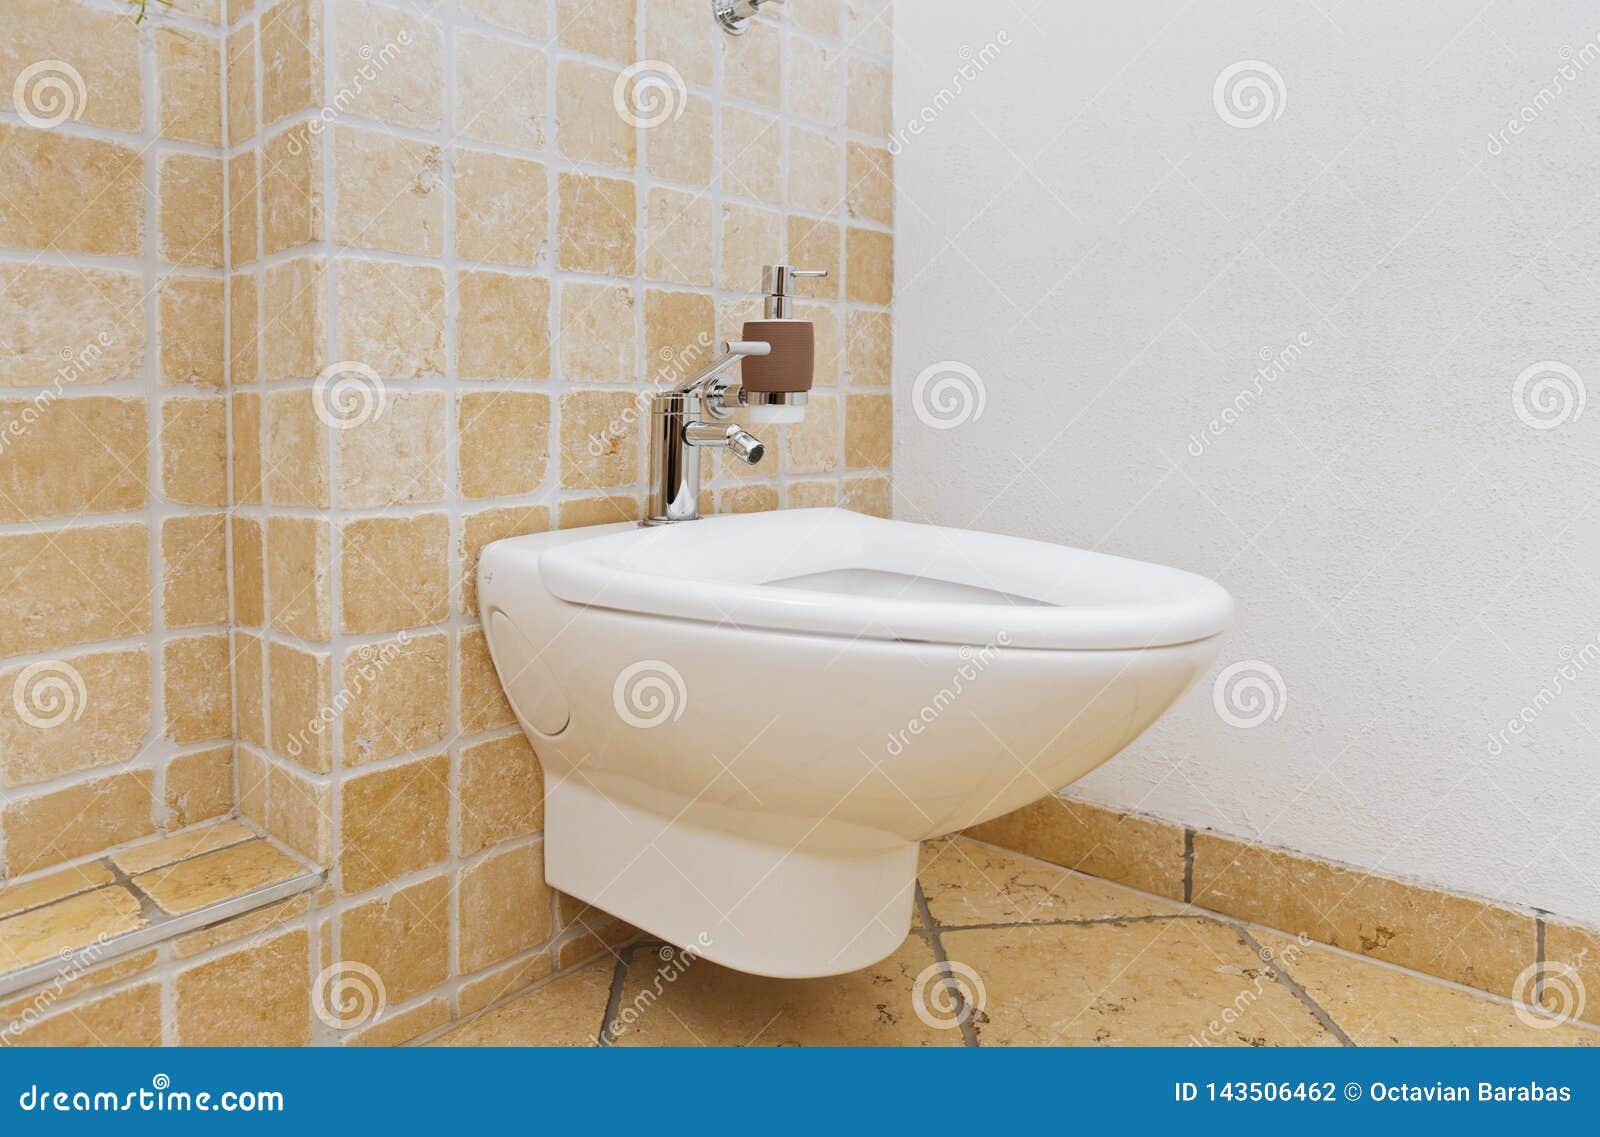 Bidet in badkamers met mediterrane tegels